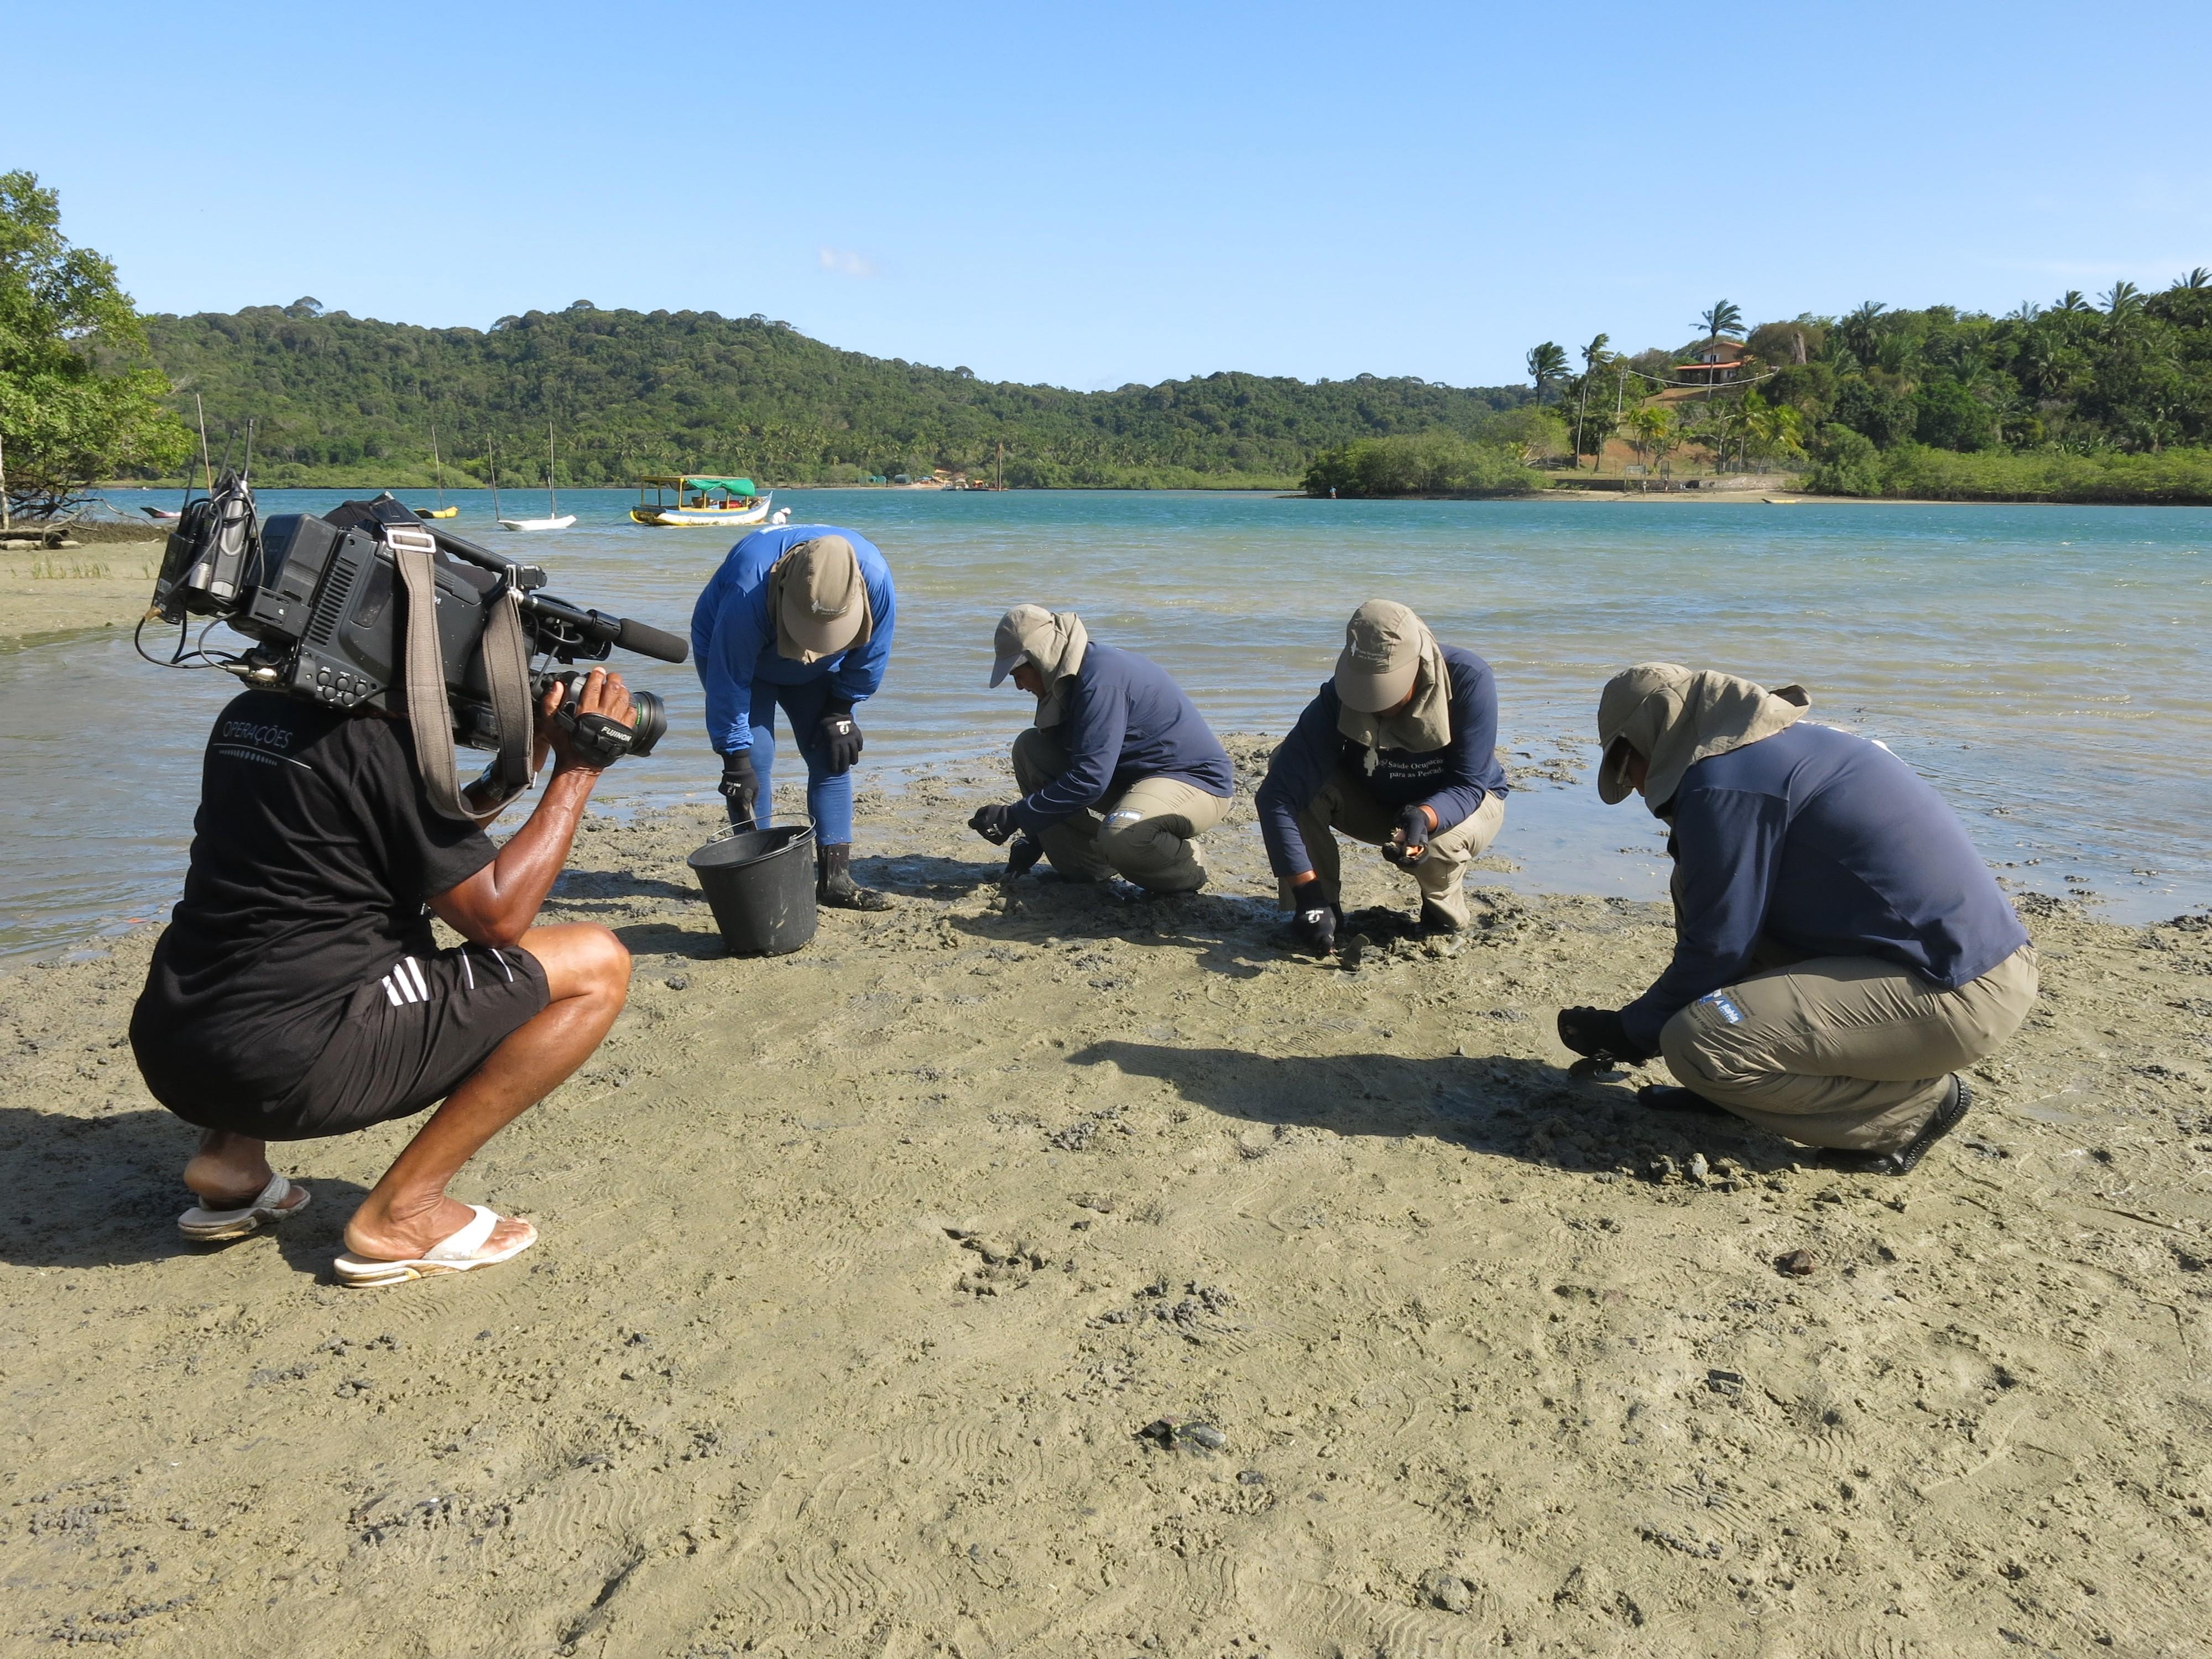 Marisqueiras da Ilha de Bom Jesus dos Passos: cultura regional (Foto: Divulgação)